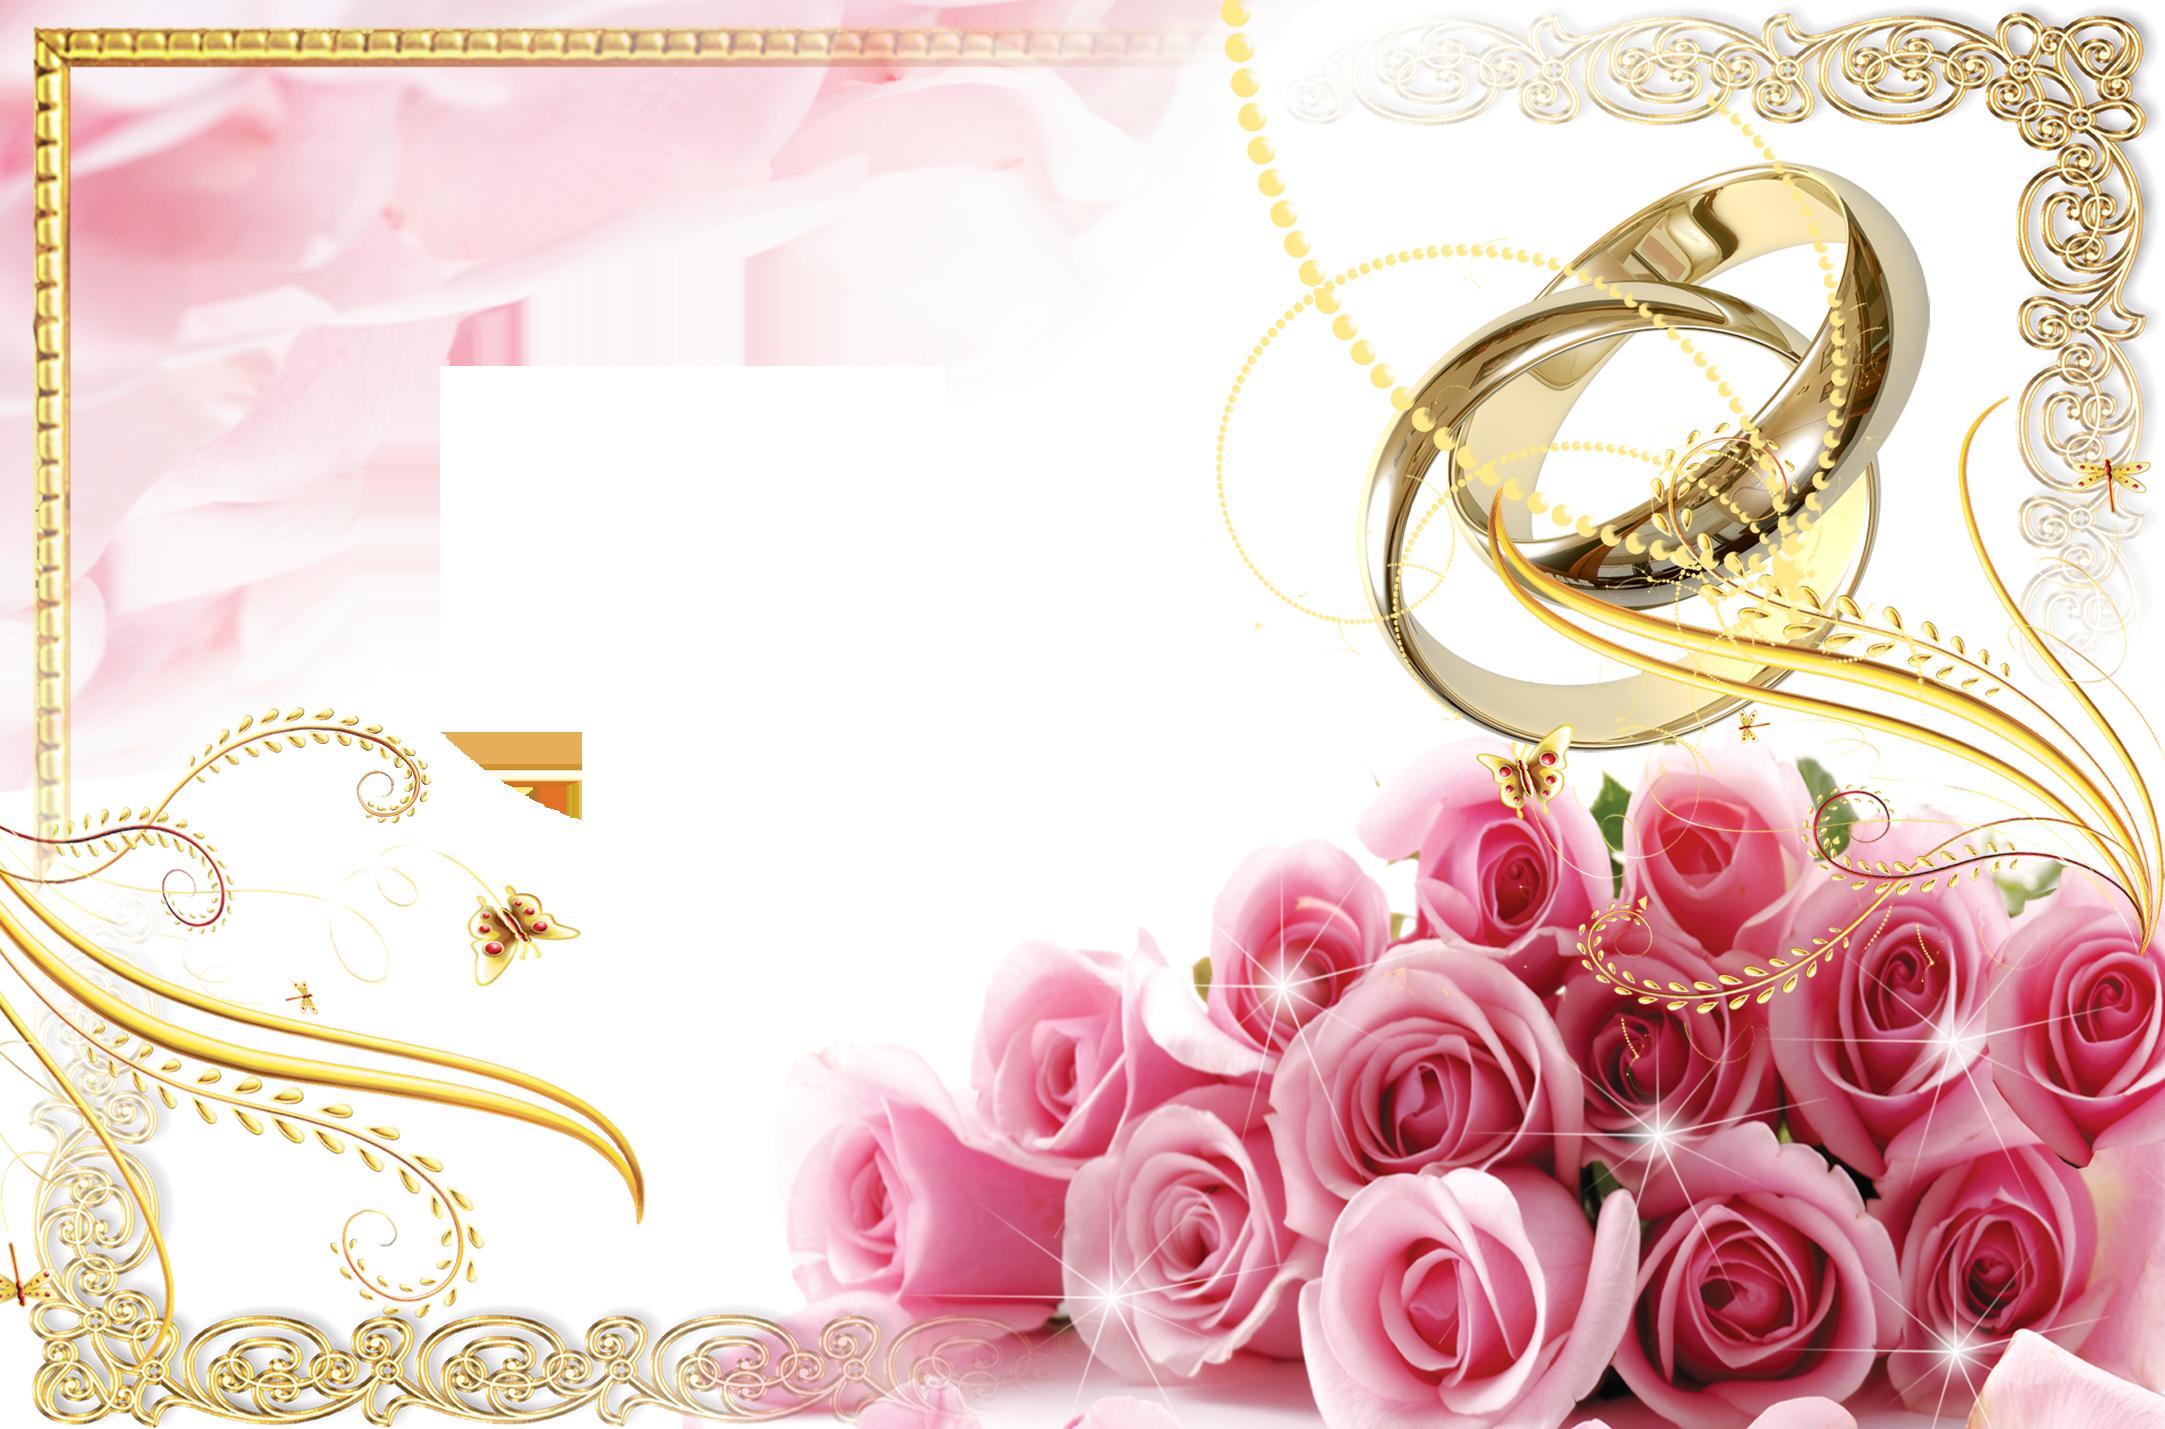 Шаблоны рамок для поздравлений с днем свадьбы